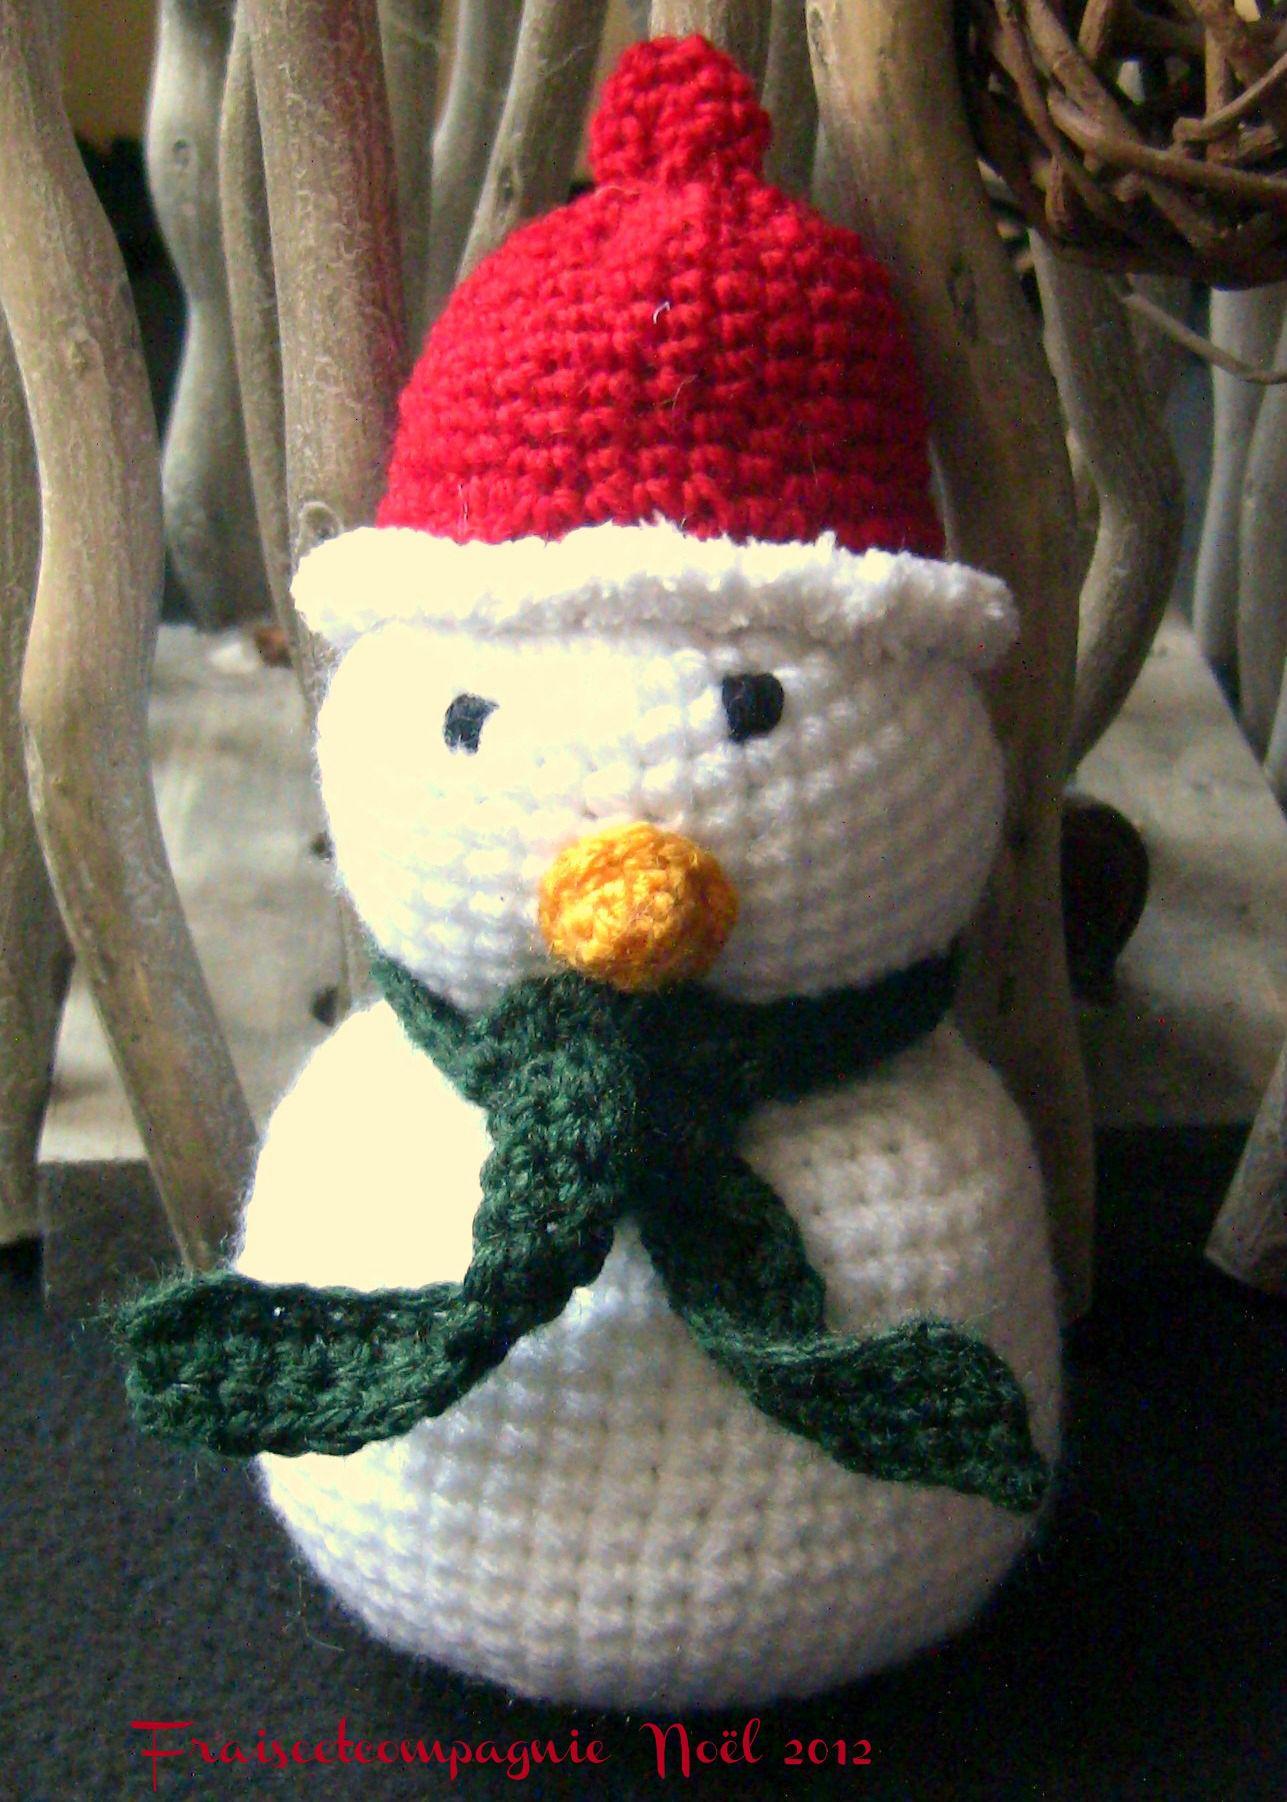 La tribu de no l s 39 agrandit fraiseetcompagnie - Bonhomme de neige au crochet ...